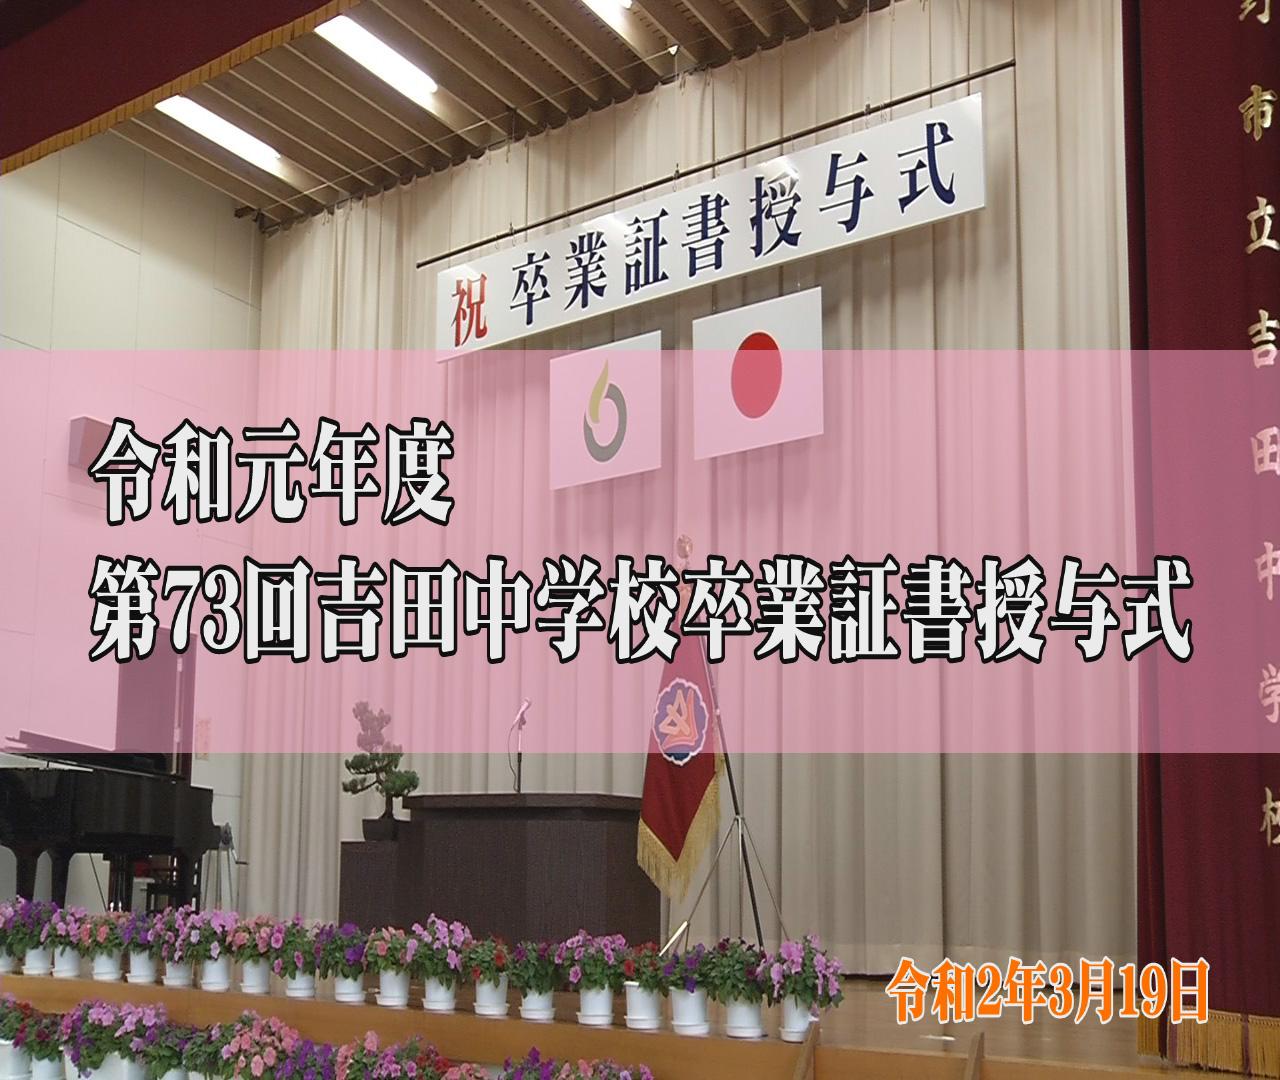 吉田中学校卒業証書授与式